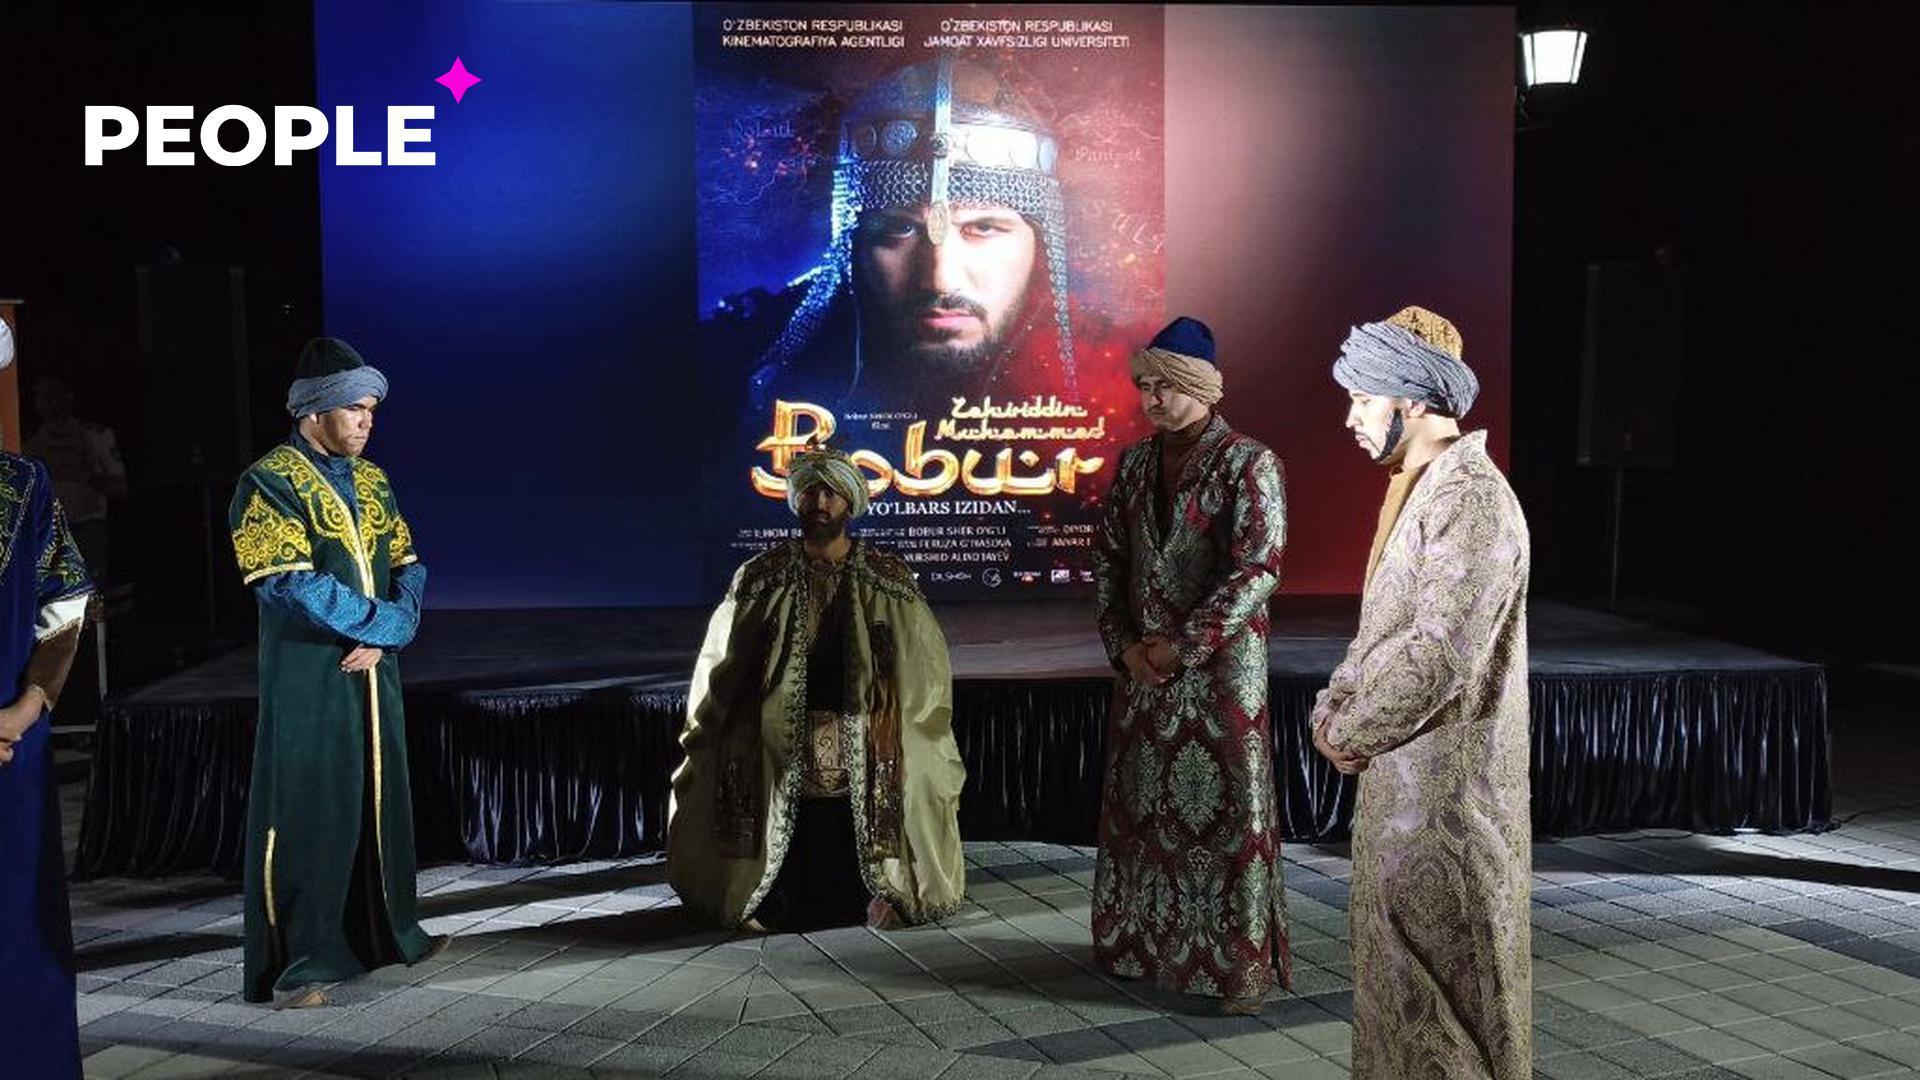 В Ташкенте состоялась премьера документального фильма о Захириддине Мухаммад Бабуре